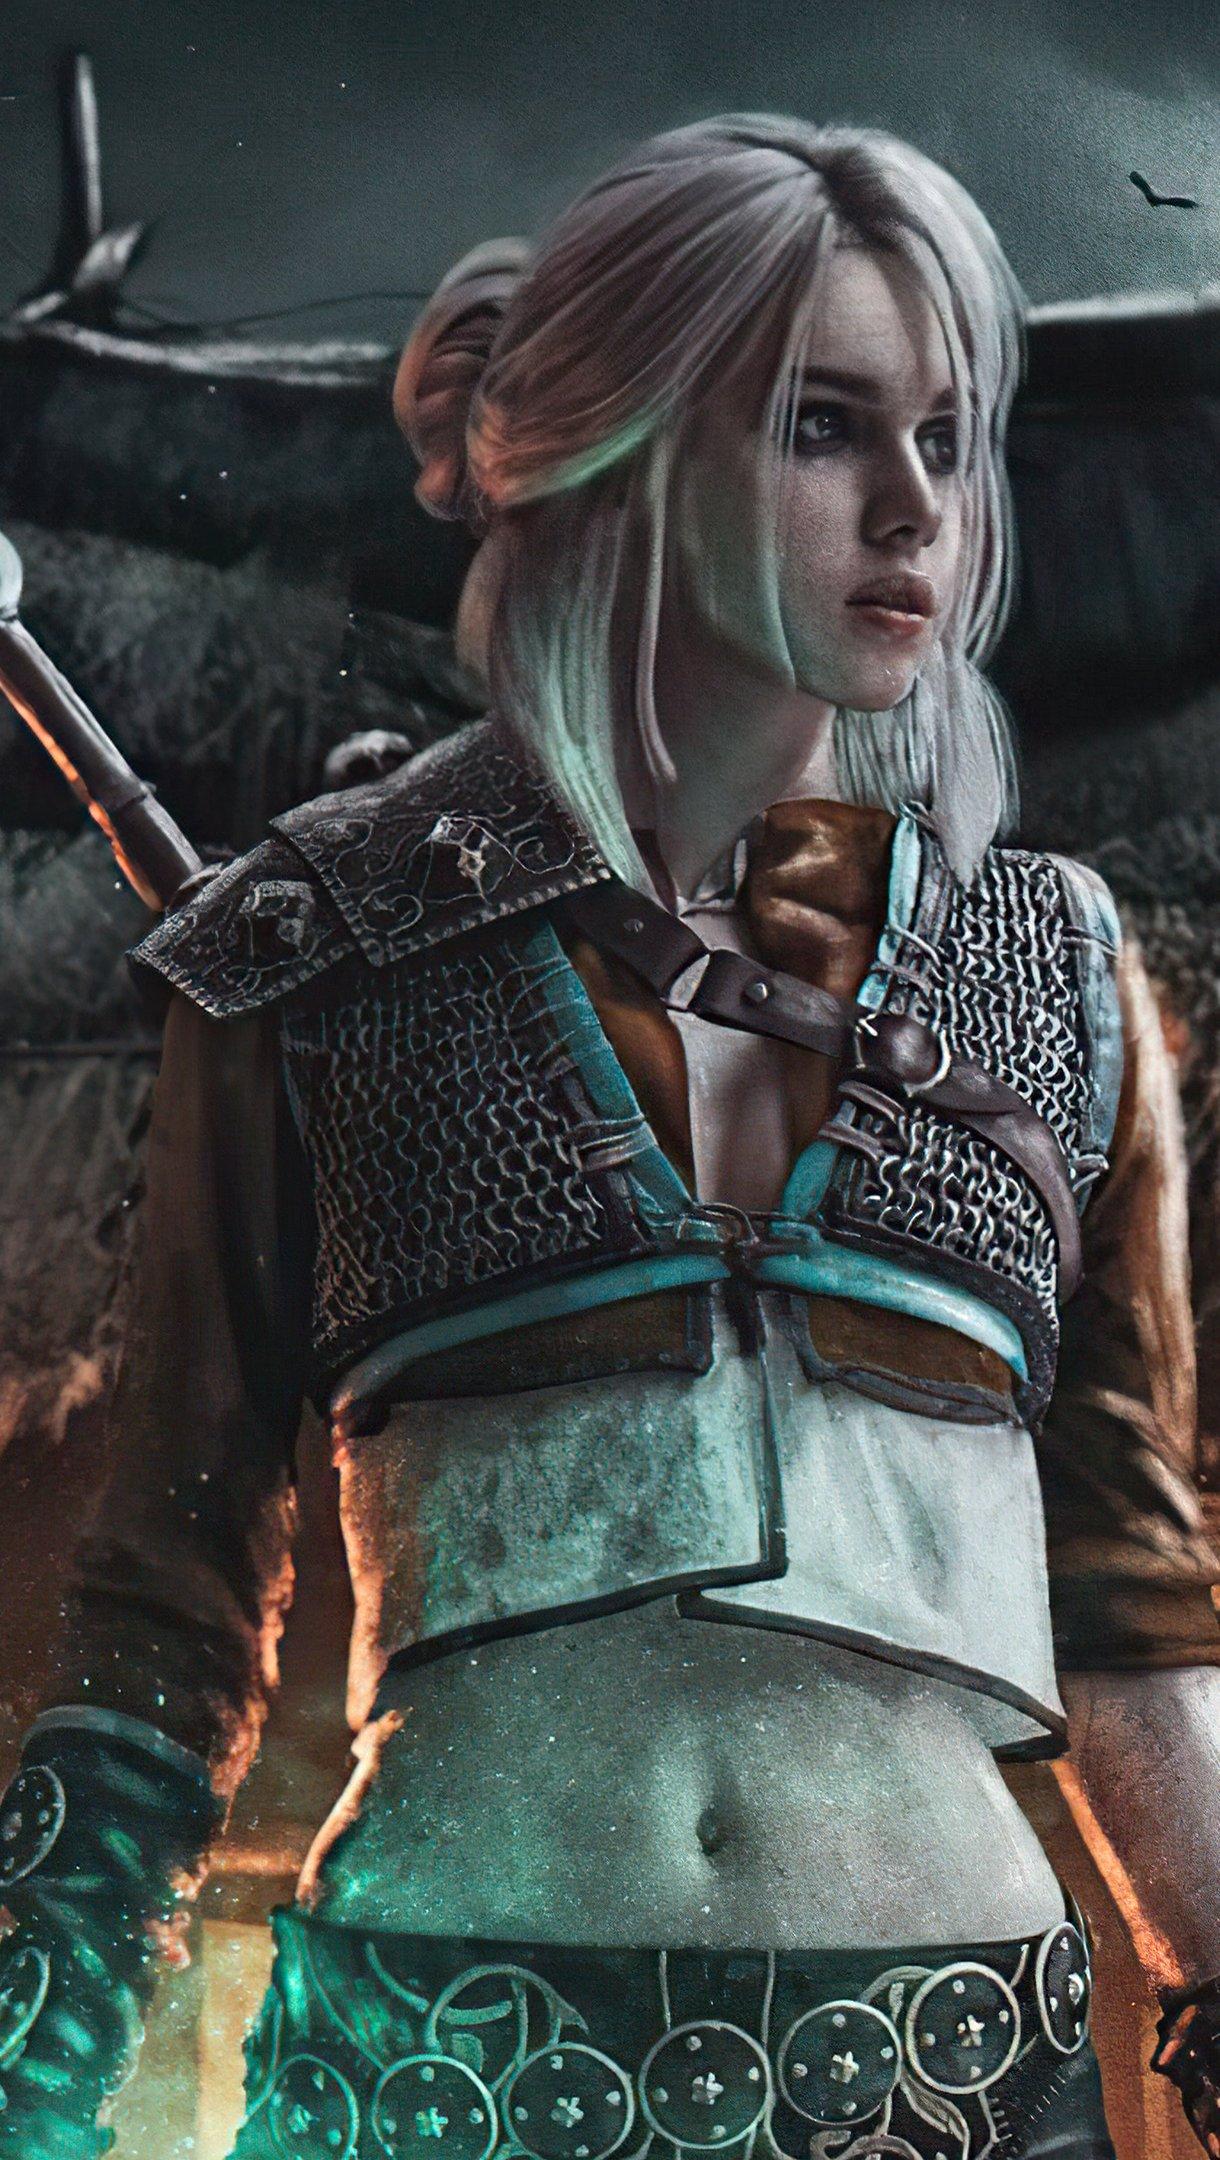 Fondos de pantalla Ciri de The Witcher 3 estilo Cyberpunk Vertical